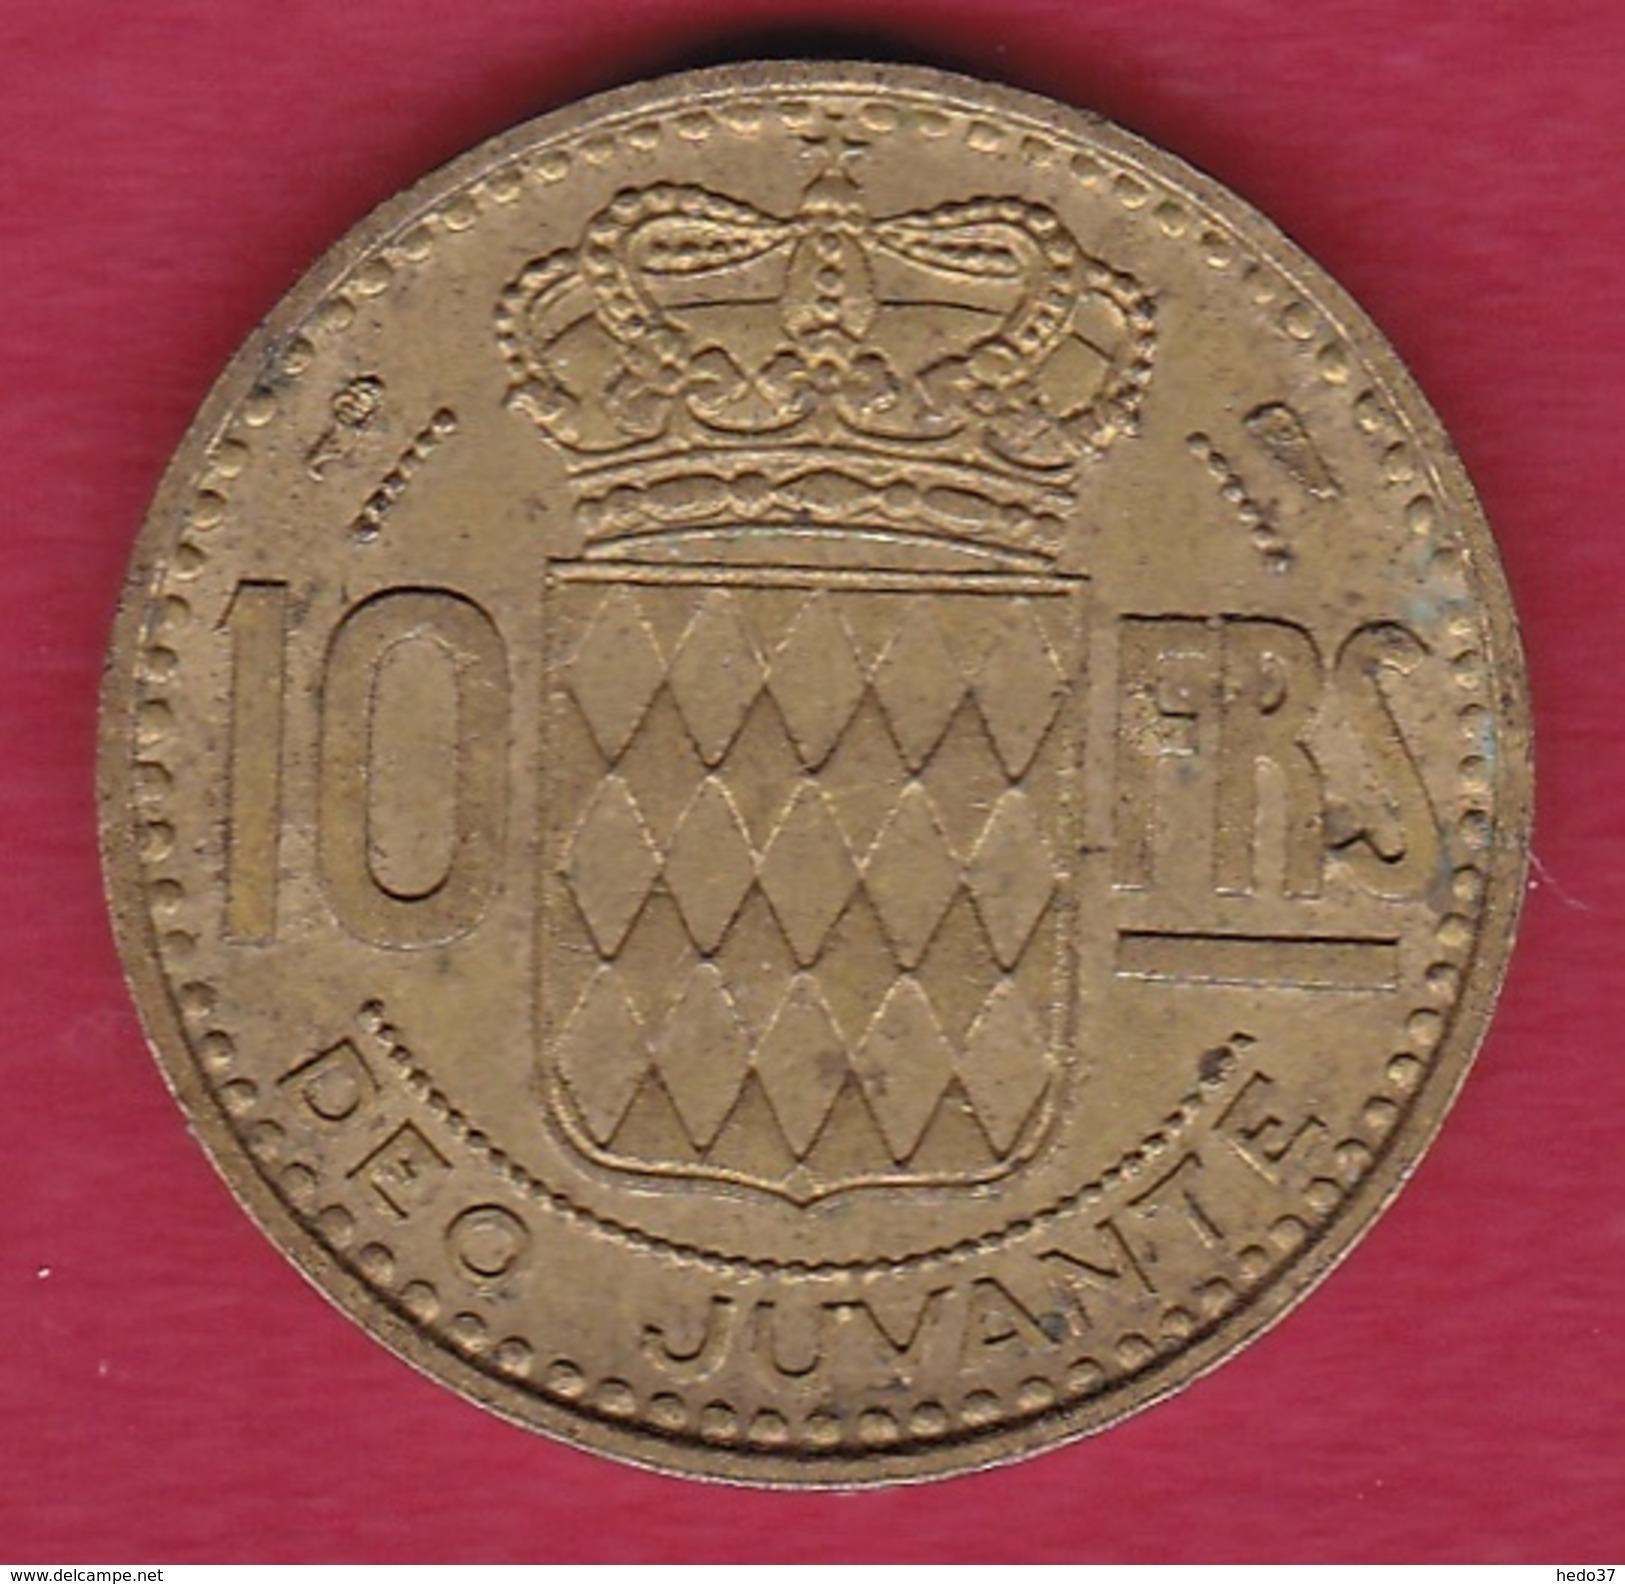 Monaco - Rainier III - 10 Francs - 1950 - Monaco